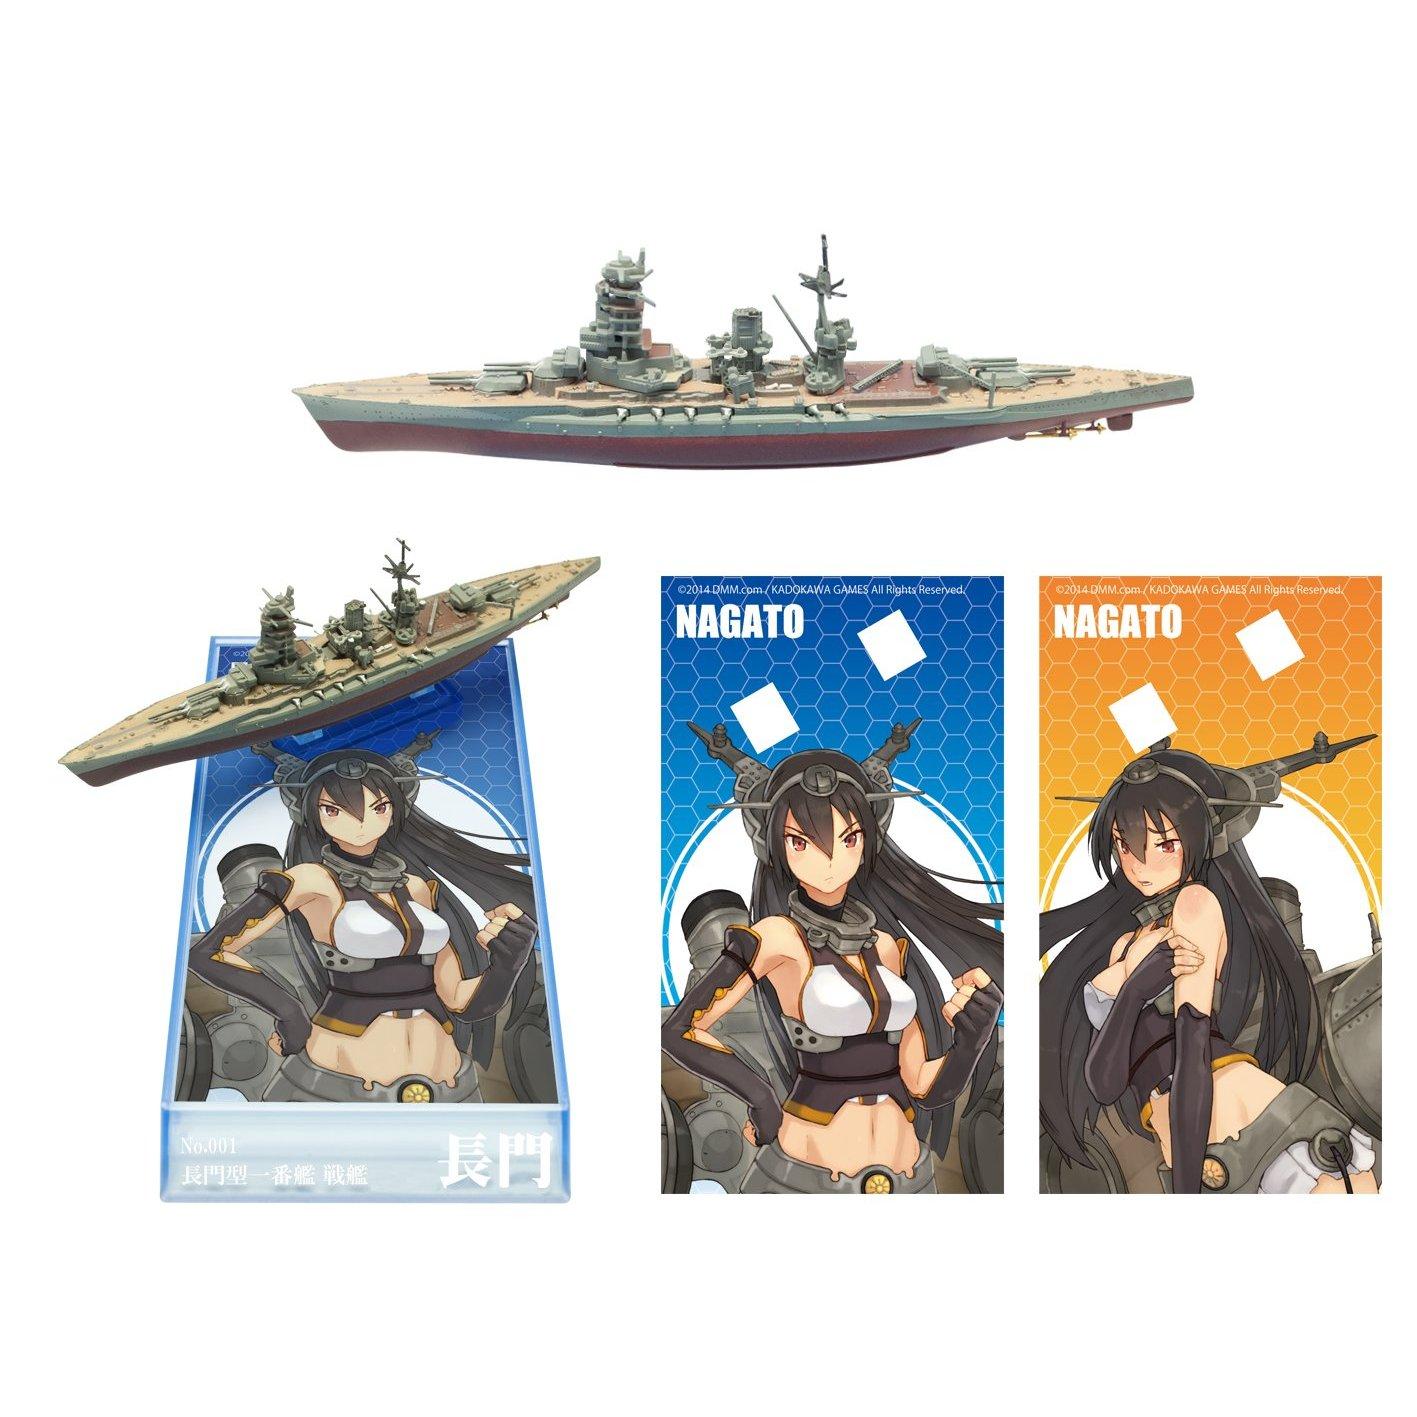 艦これ×艦船キットコレクションのコラボ食玩